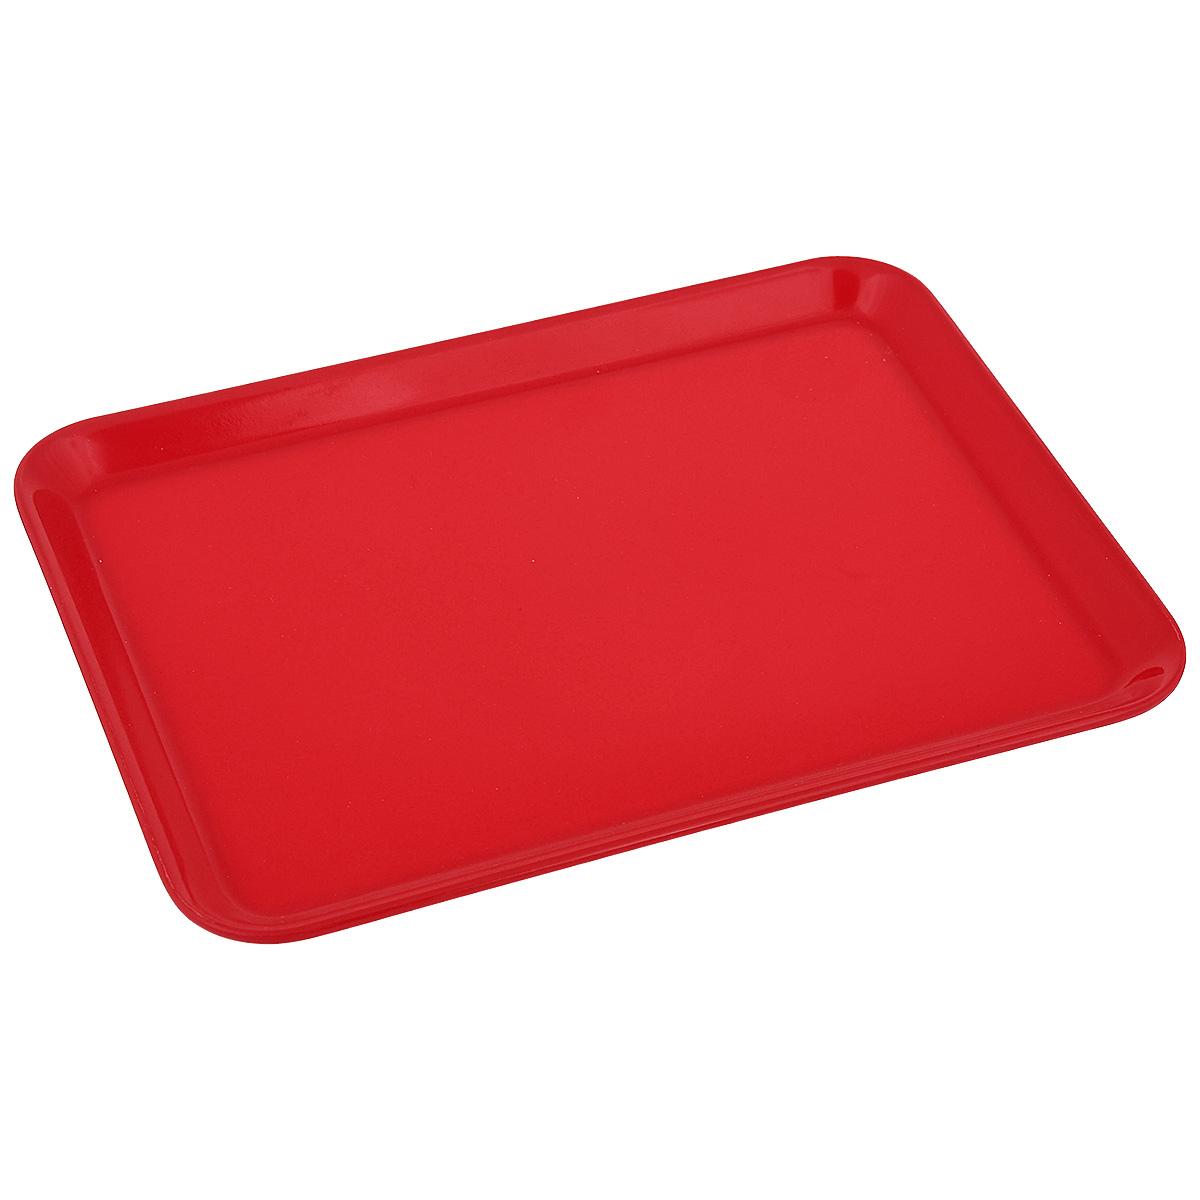 Поднос Zeller, цвет: красный, 24 см х 18 см26692Оригинальный поднос Zeller, изготовленный из пластика, станет незаменимым предметом длясервировки стола. Поднос не только дополнит интерьер вашей кухни, но и предохранитповерхность стола от грязи и перегрева.Яркий и стильный поднос Zeller придется по вкусу и ценителям классики, и тем, ктопредпочитает современный стиль.